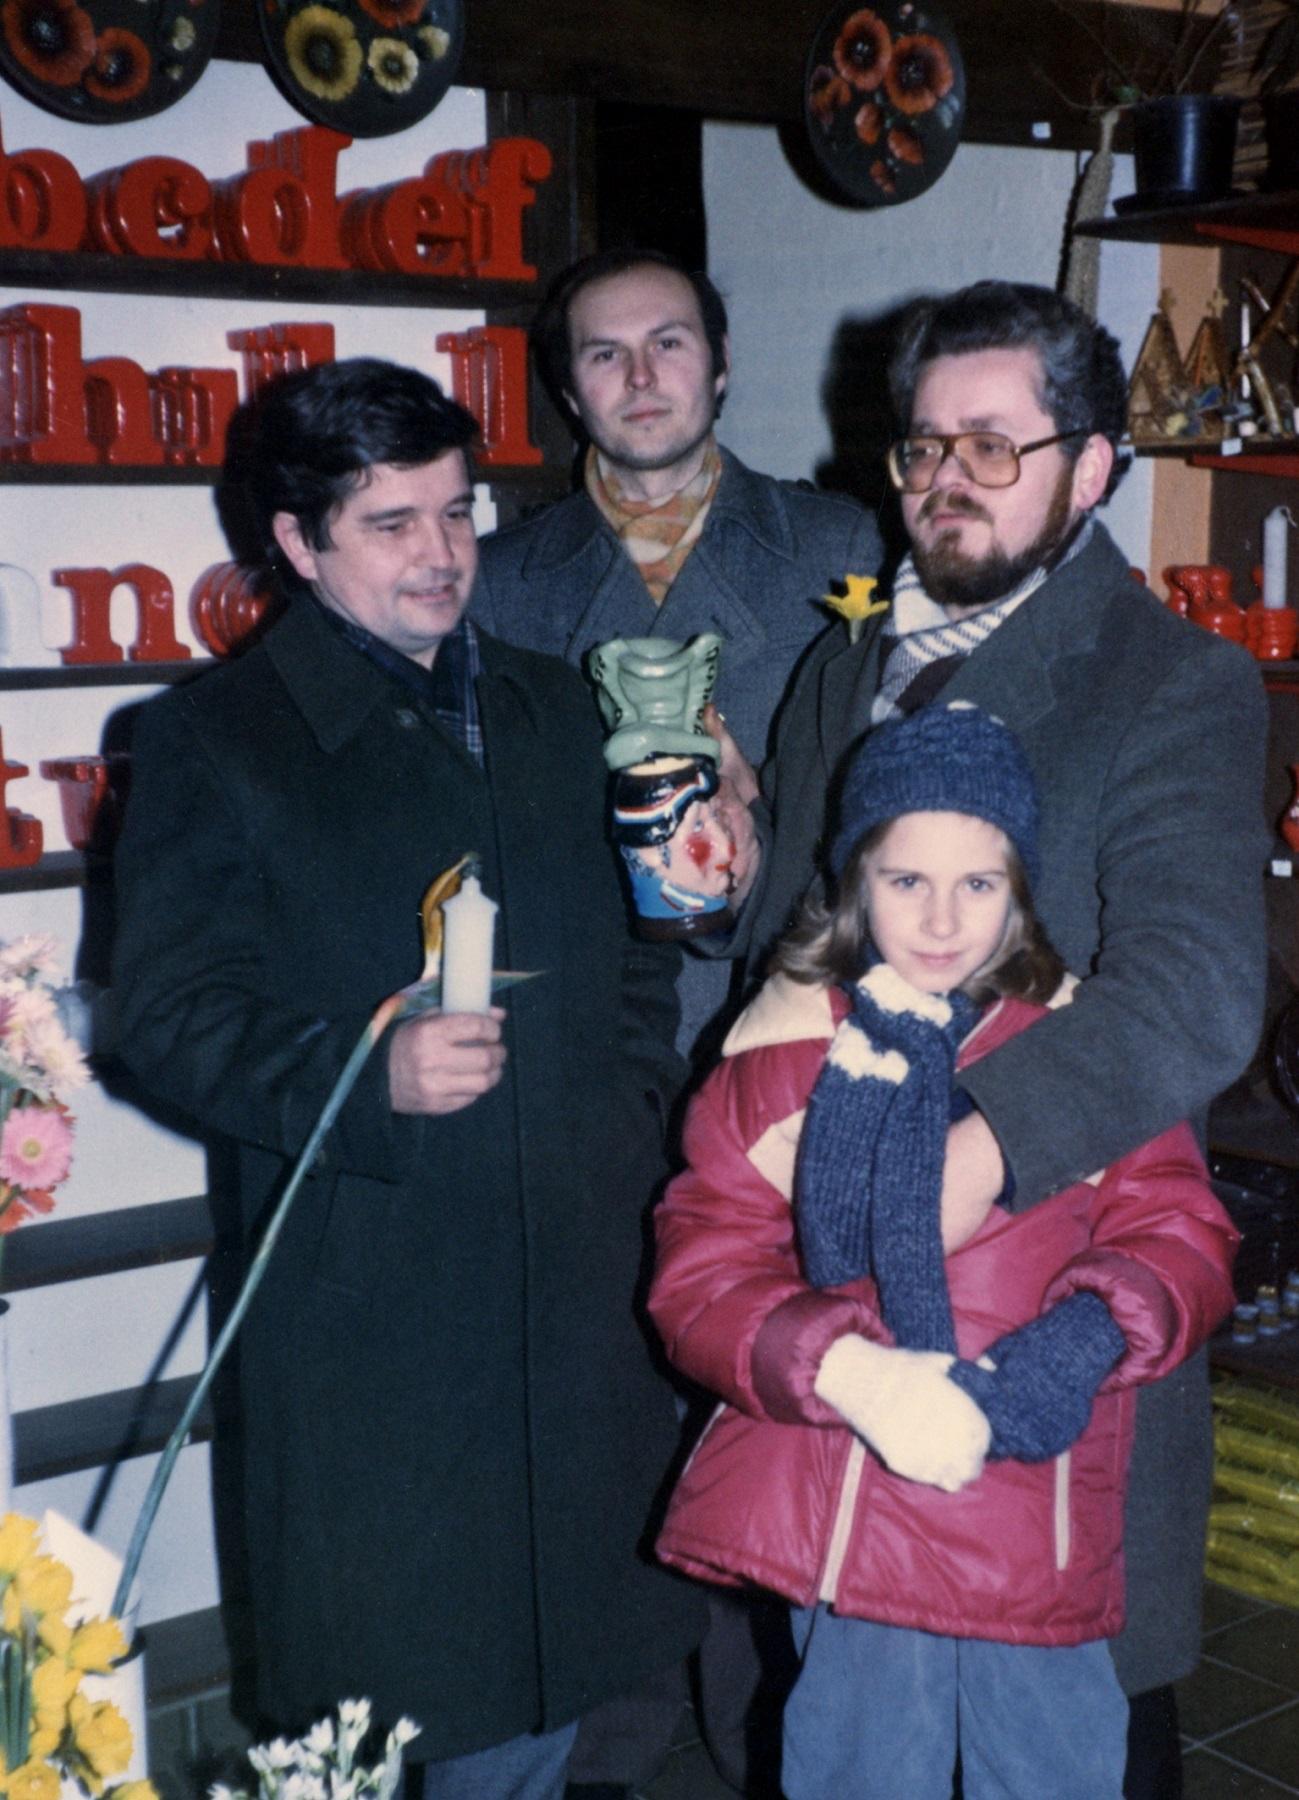 Nakon_mise_na_Sveta_tri_kralja_1987